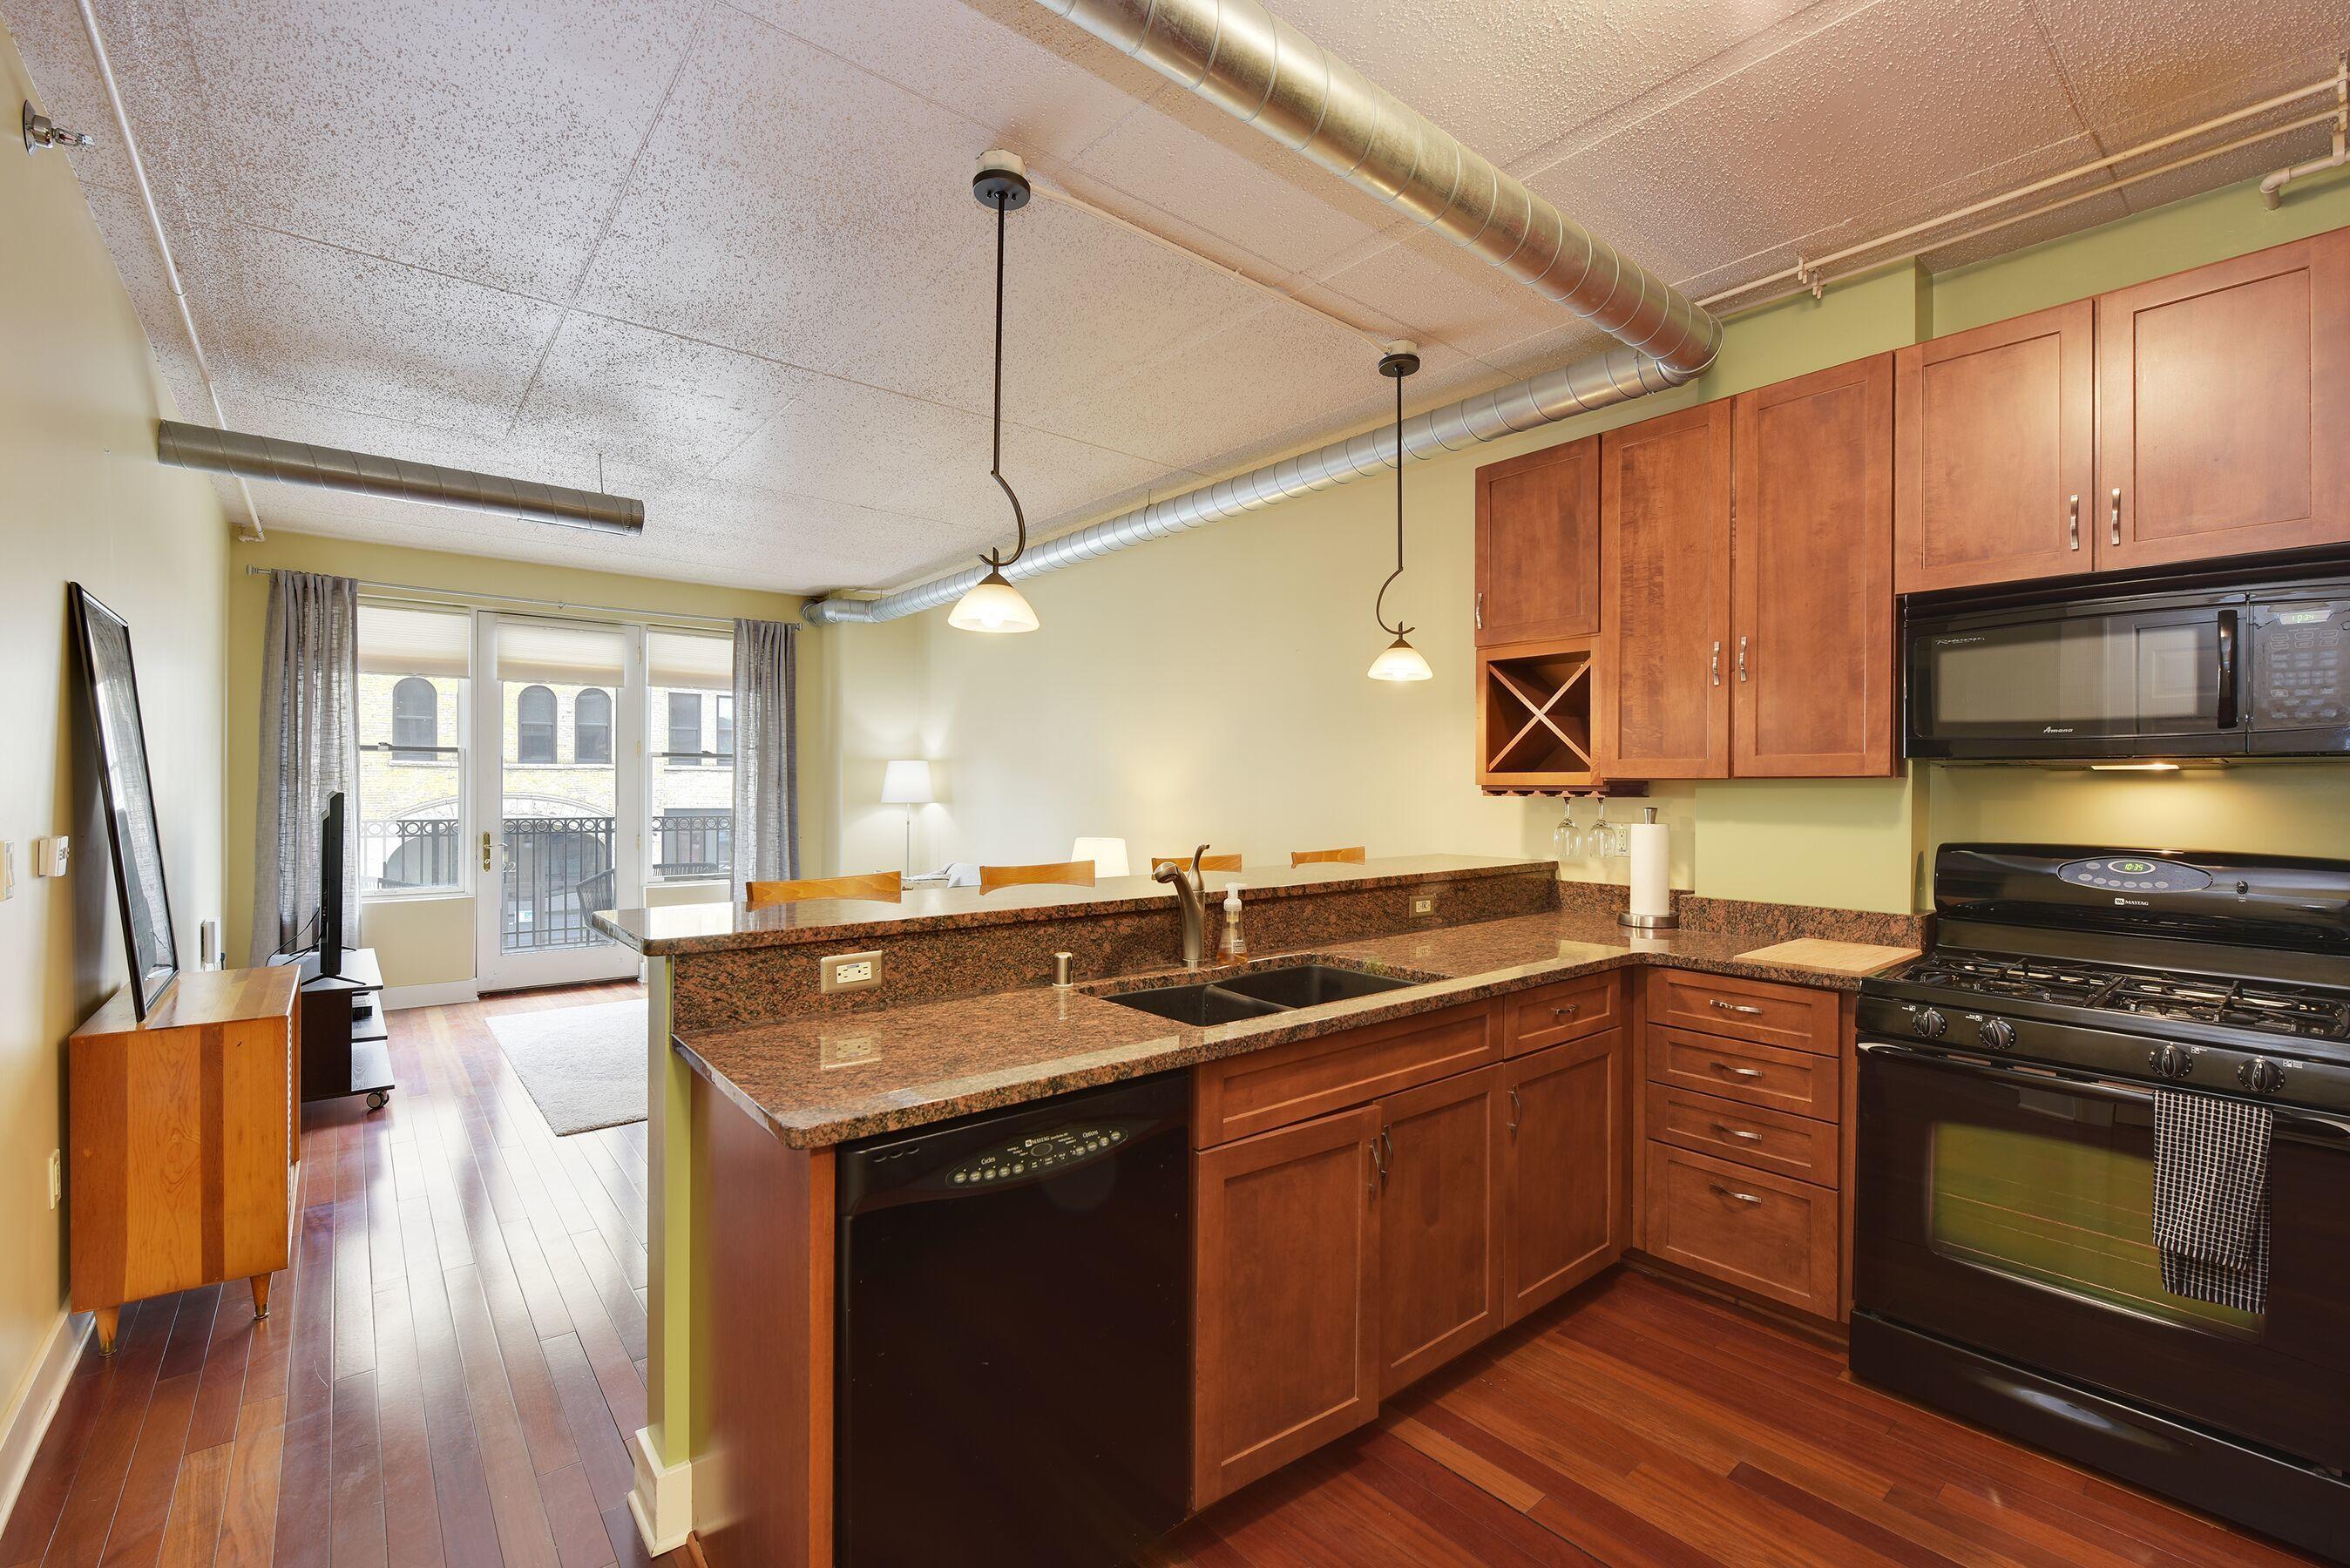 102 Water, Milwaukee, Wisconsin 53202, 1 Bedroom Bedrooms, 4 Rooms Rooms,1 BathroomBathrooms,Condominiums,For Sale,Water,2,1687577